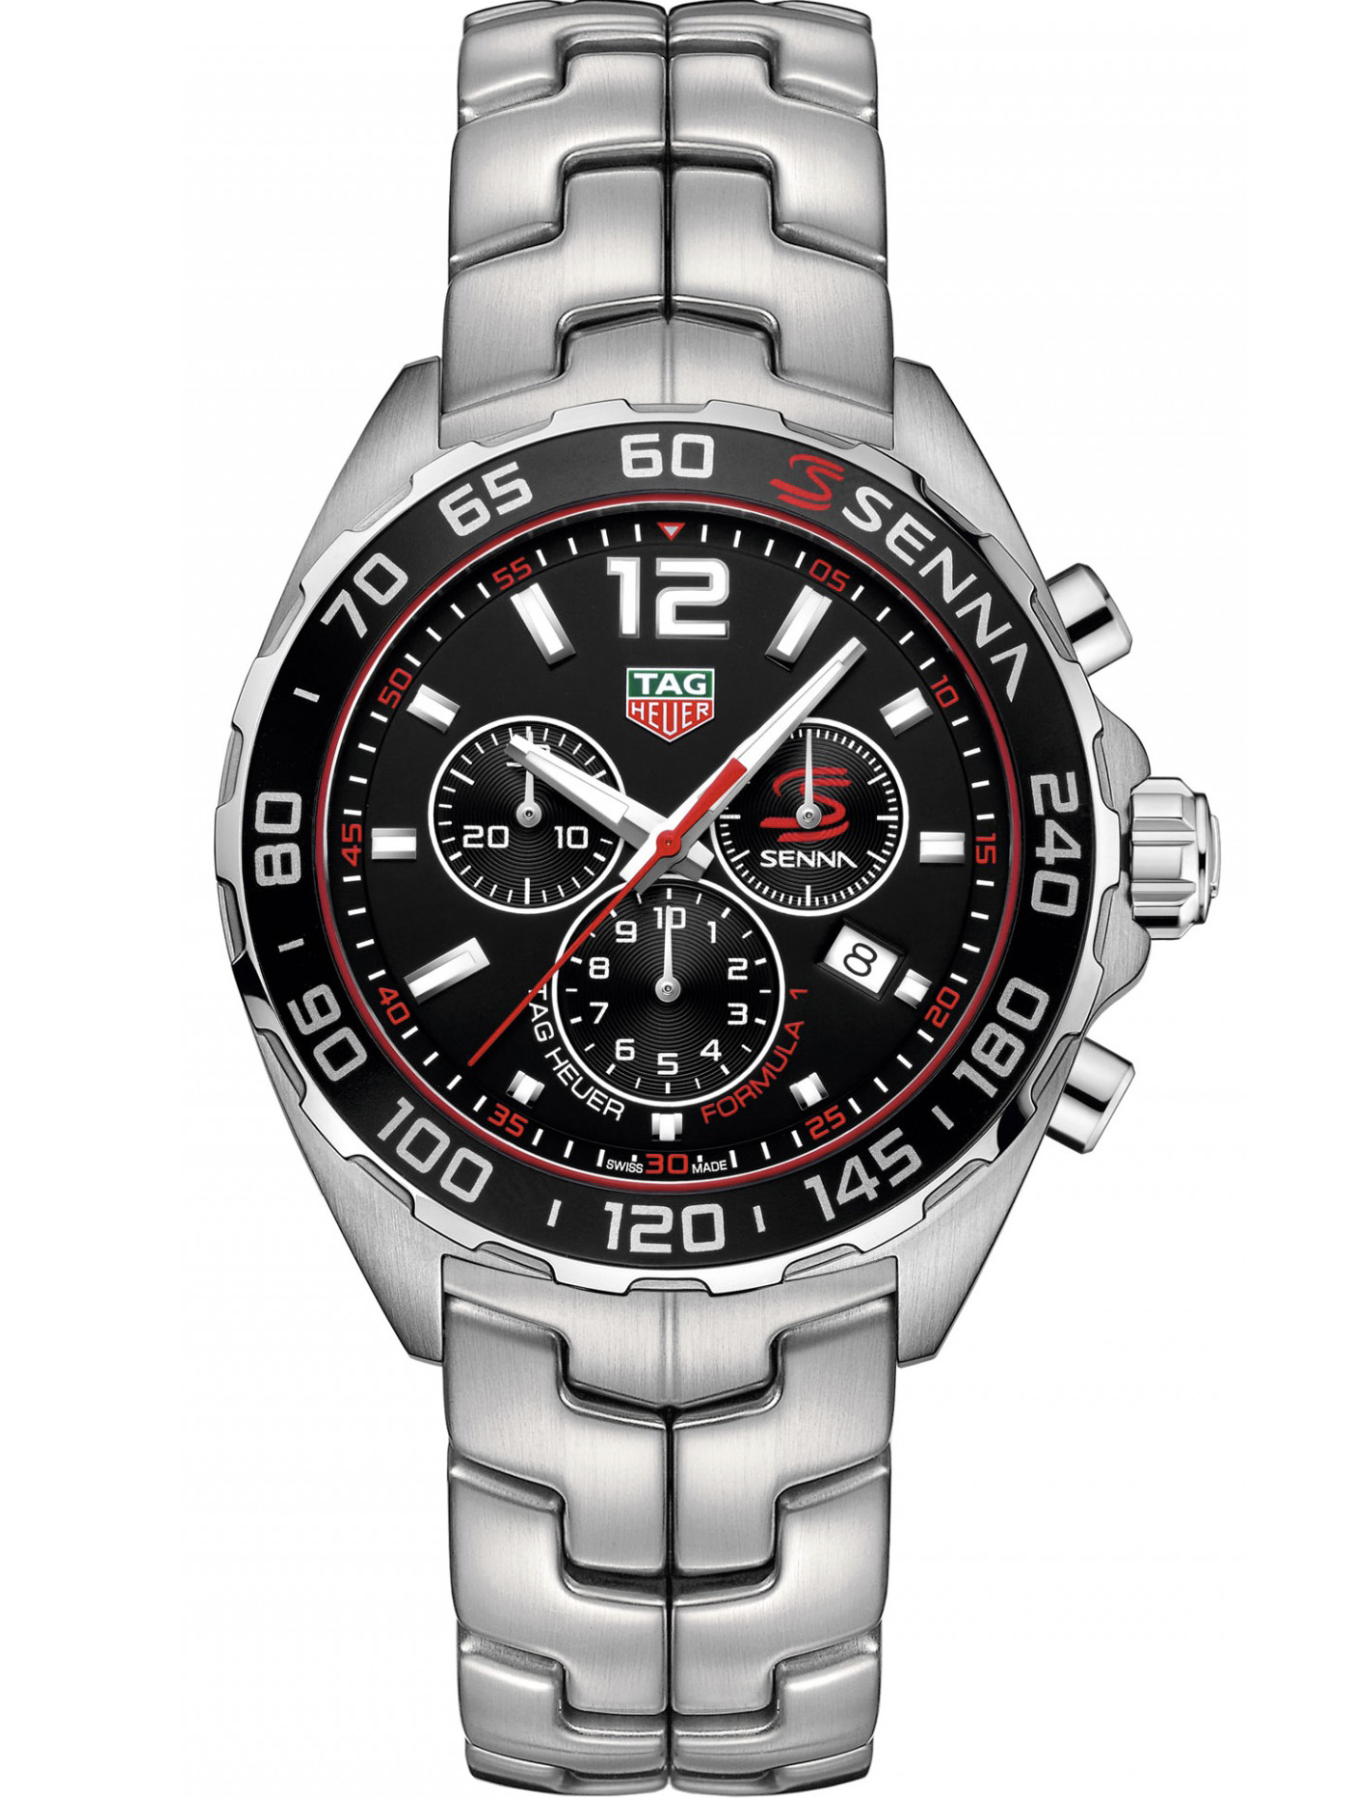 泰格豪雅F1系列计时码表塞纳特别版CAZ1015.BA0883